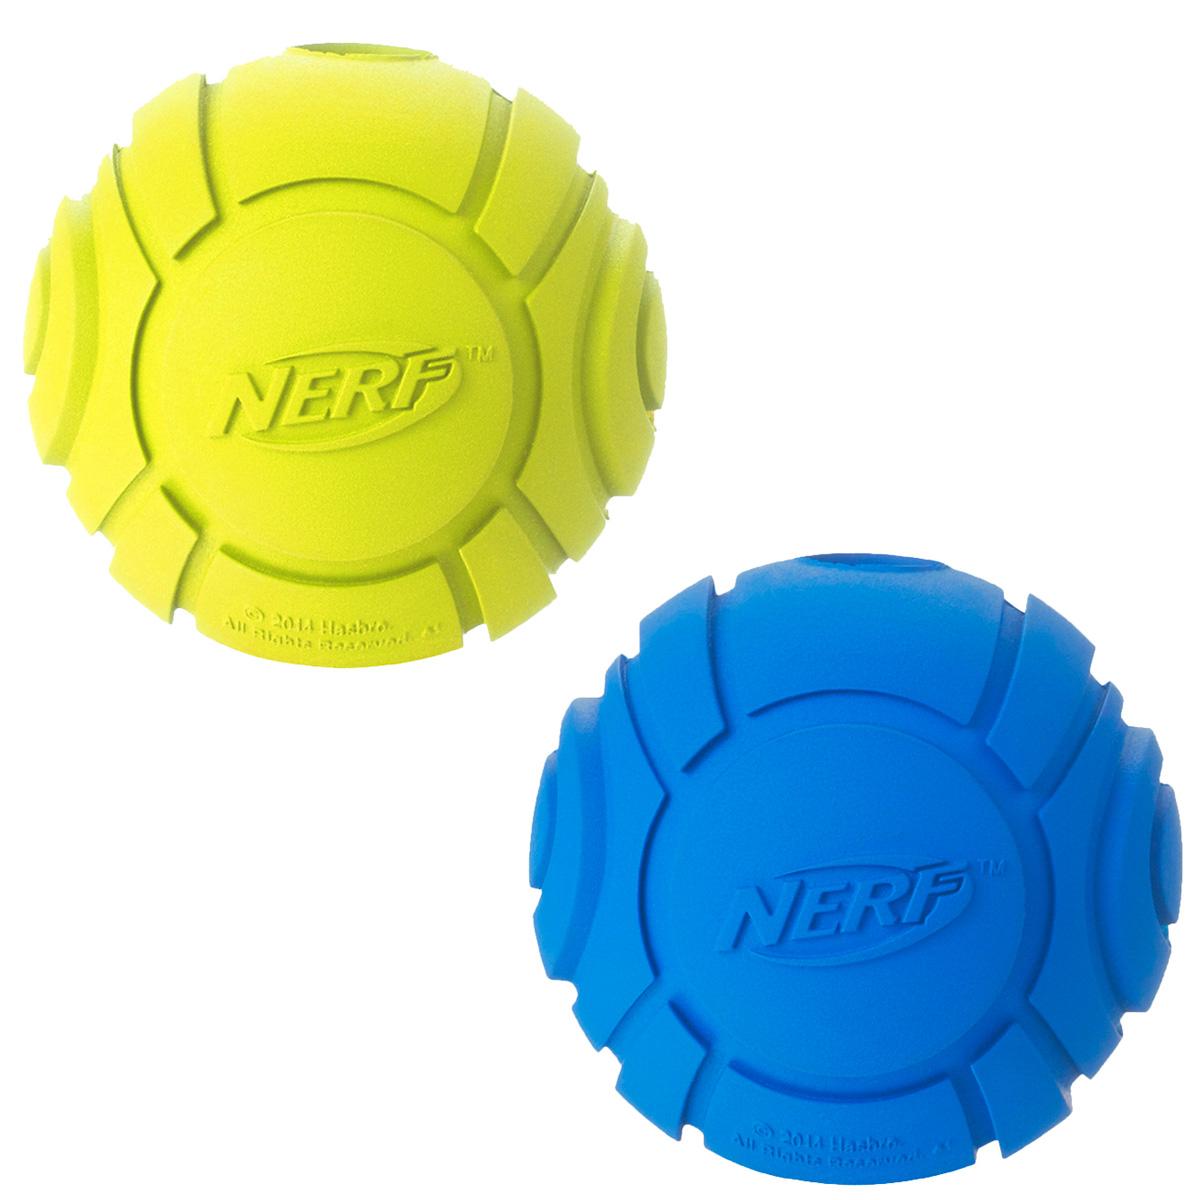 Игрушка для собак Nerf Мяч, рифленый, 6 см, 2 шт75354Мячи Nerf выполнены из сверхпрочной резины. Оптимальны для игры с собакой дома и на свежем воздухе.Подходят собакам с самой мощной челюстью.Высококачественные прочные материалы, из которых изготовлены игрушки, обеспечивают долговечность использования.Яркие привлекательные цвета.Размер S: 6 см.